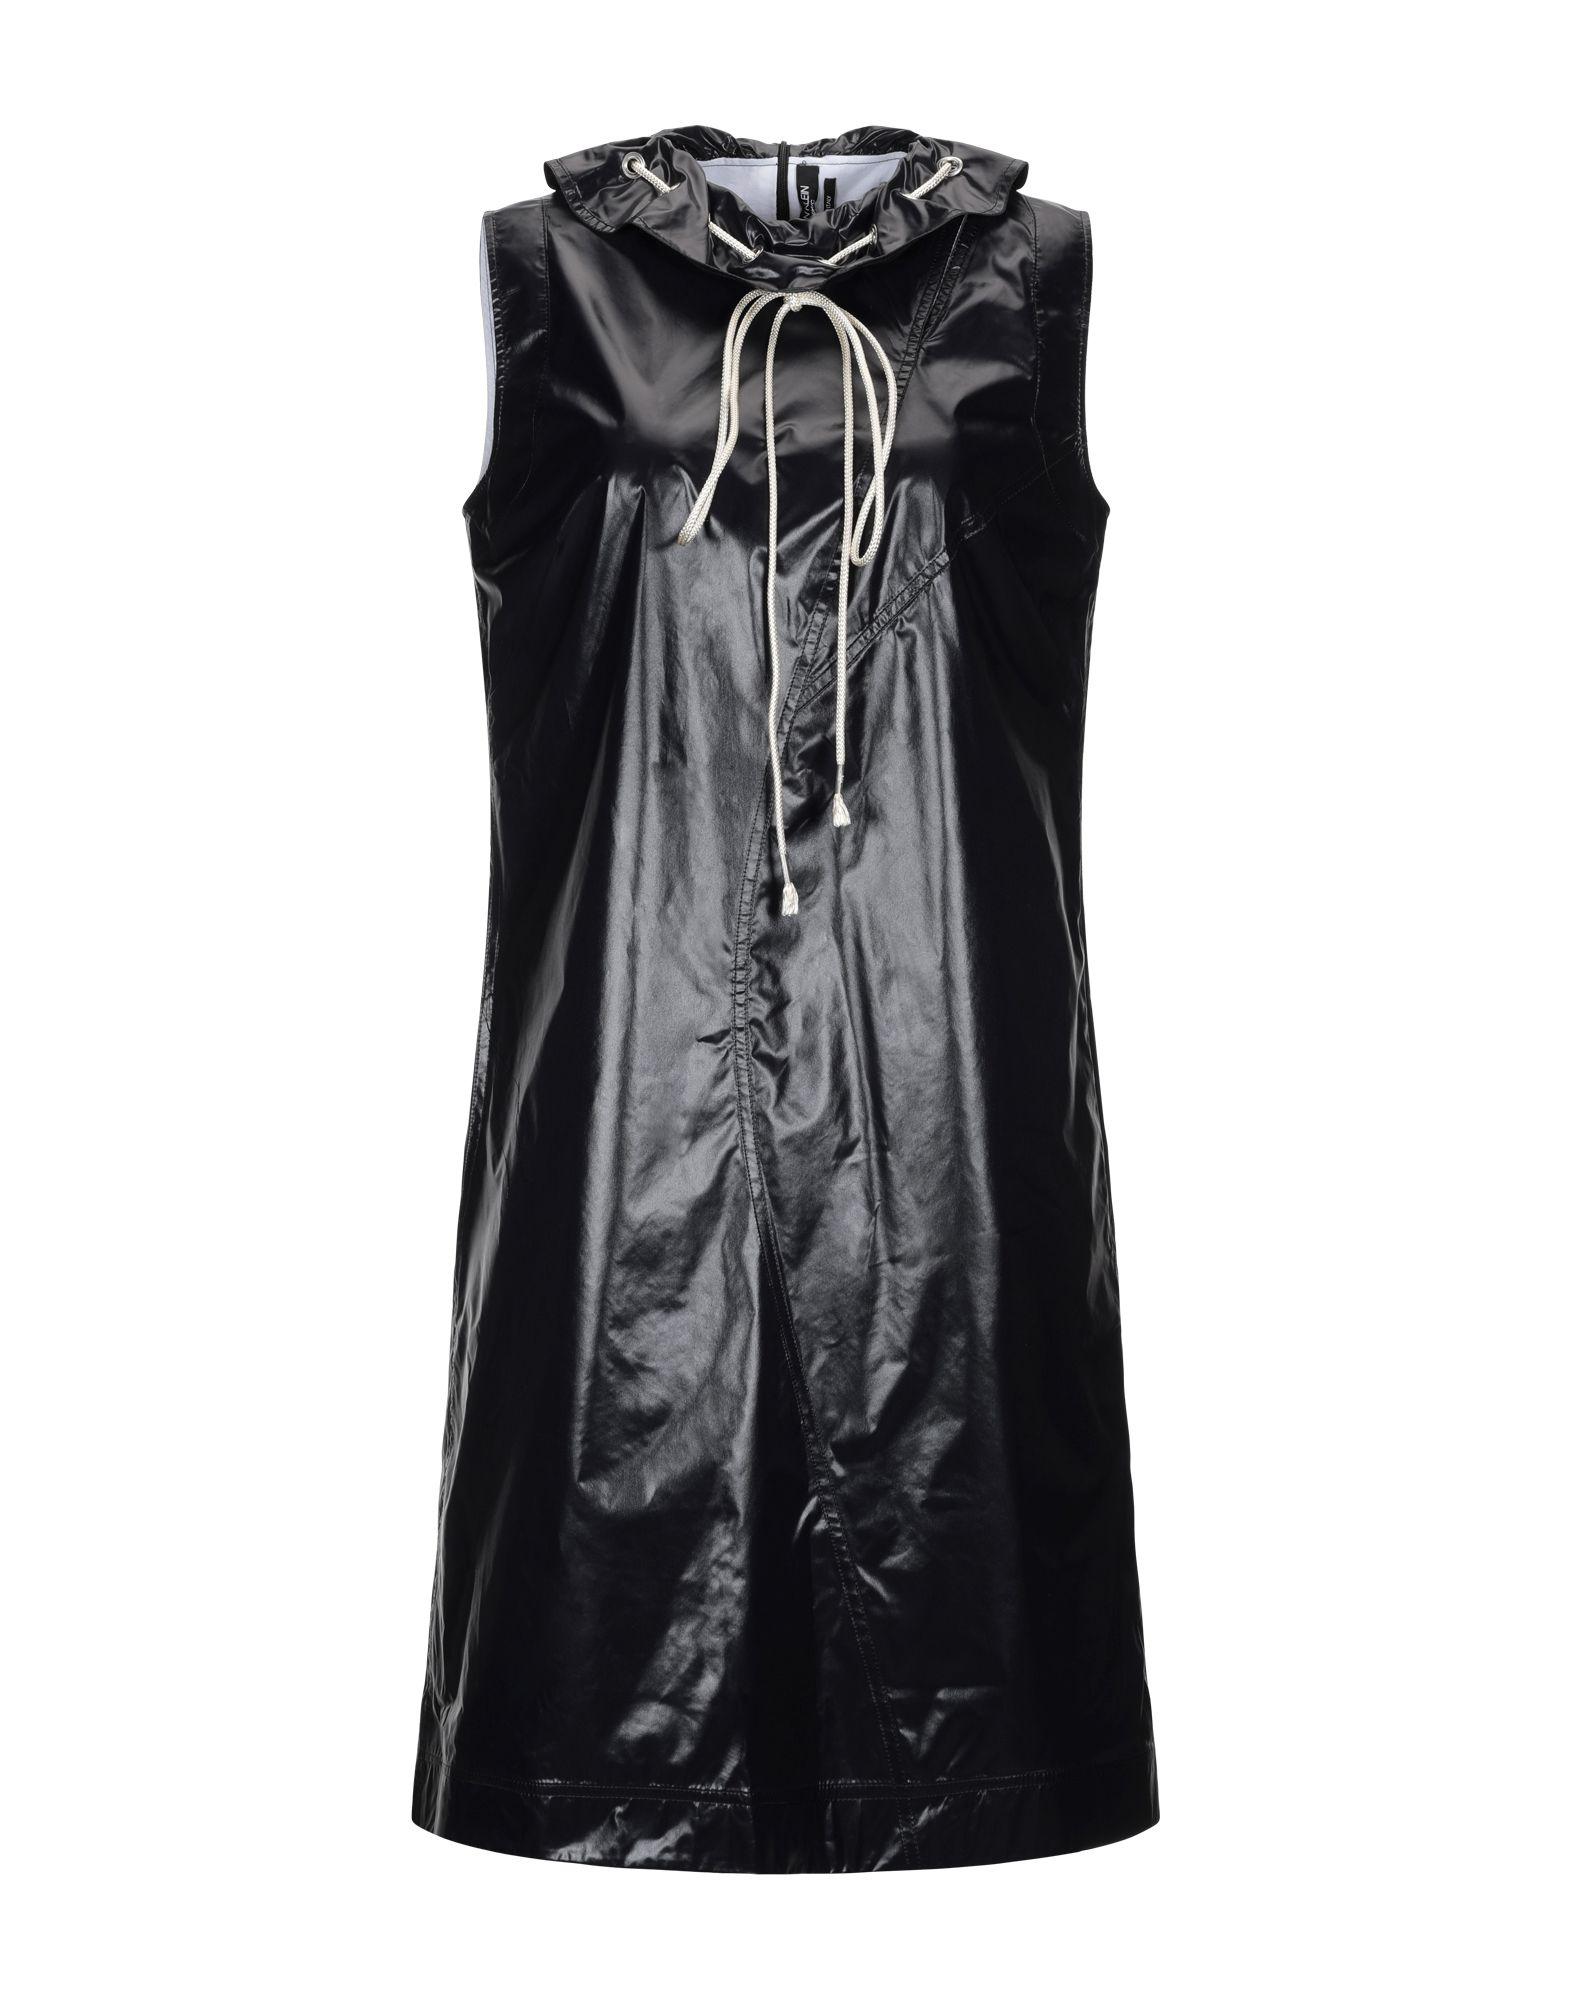 《送料無料》CALVIN KLEIN 205W39NYC レディース ひざ丈ワンピース ブラック 38 ナイロン 100%